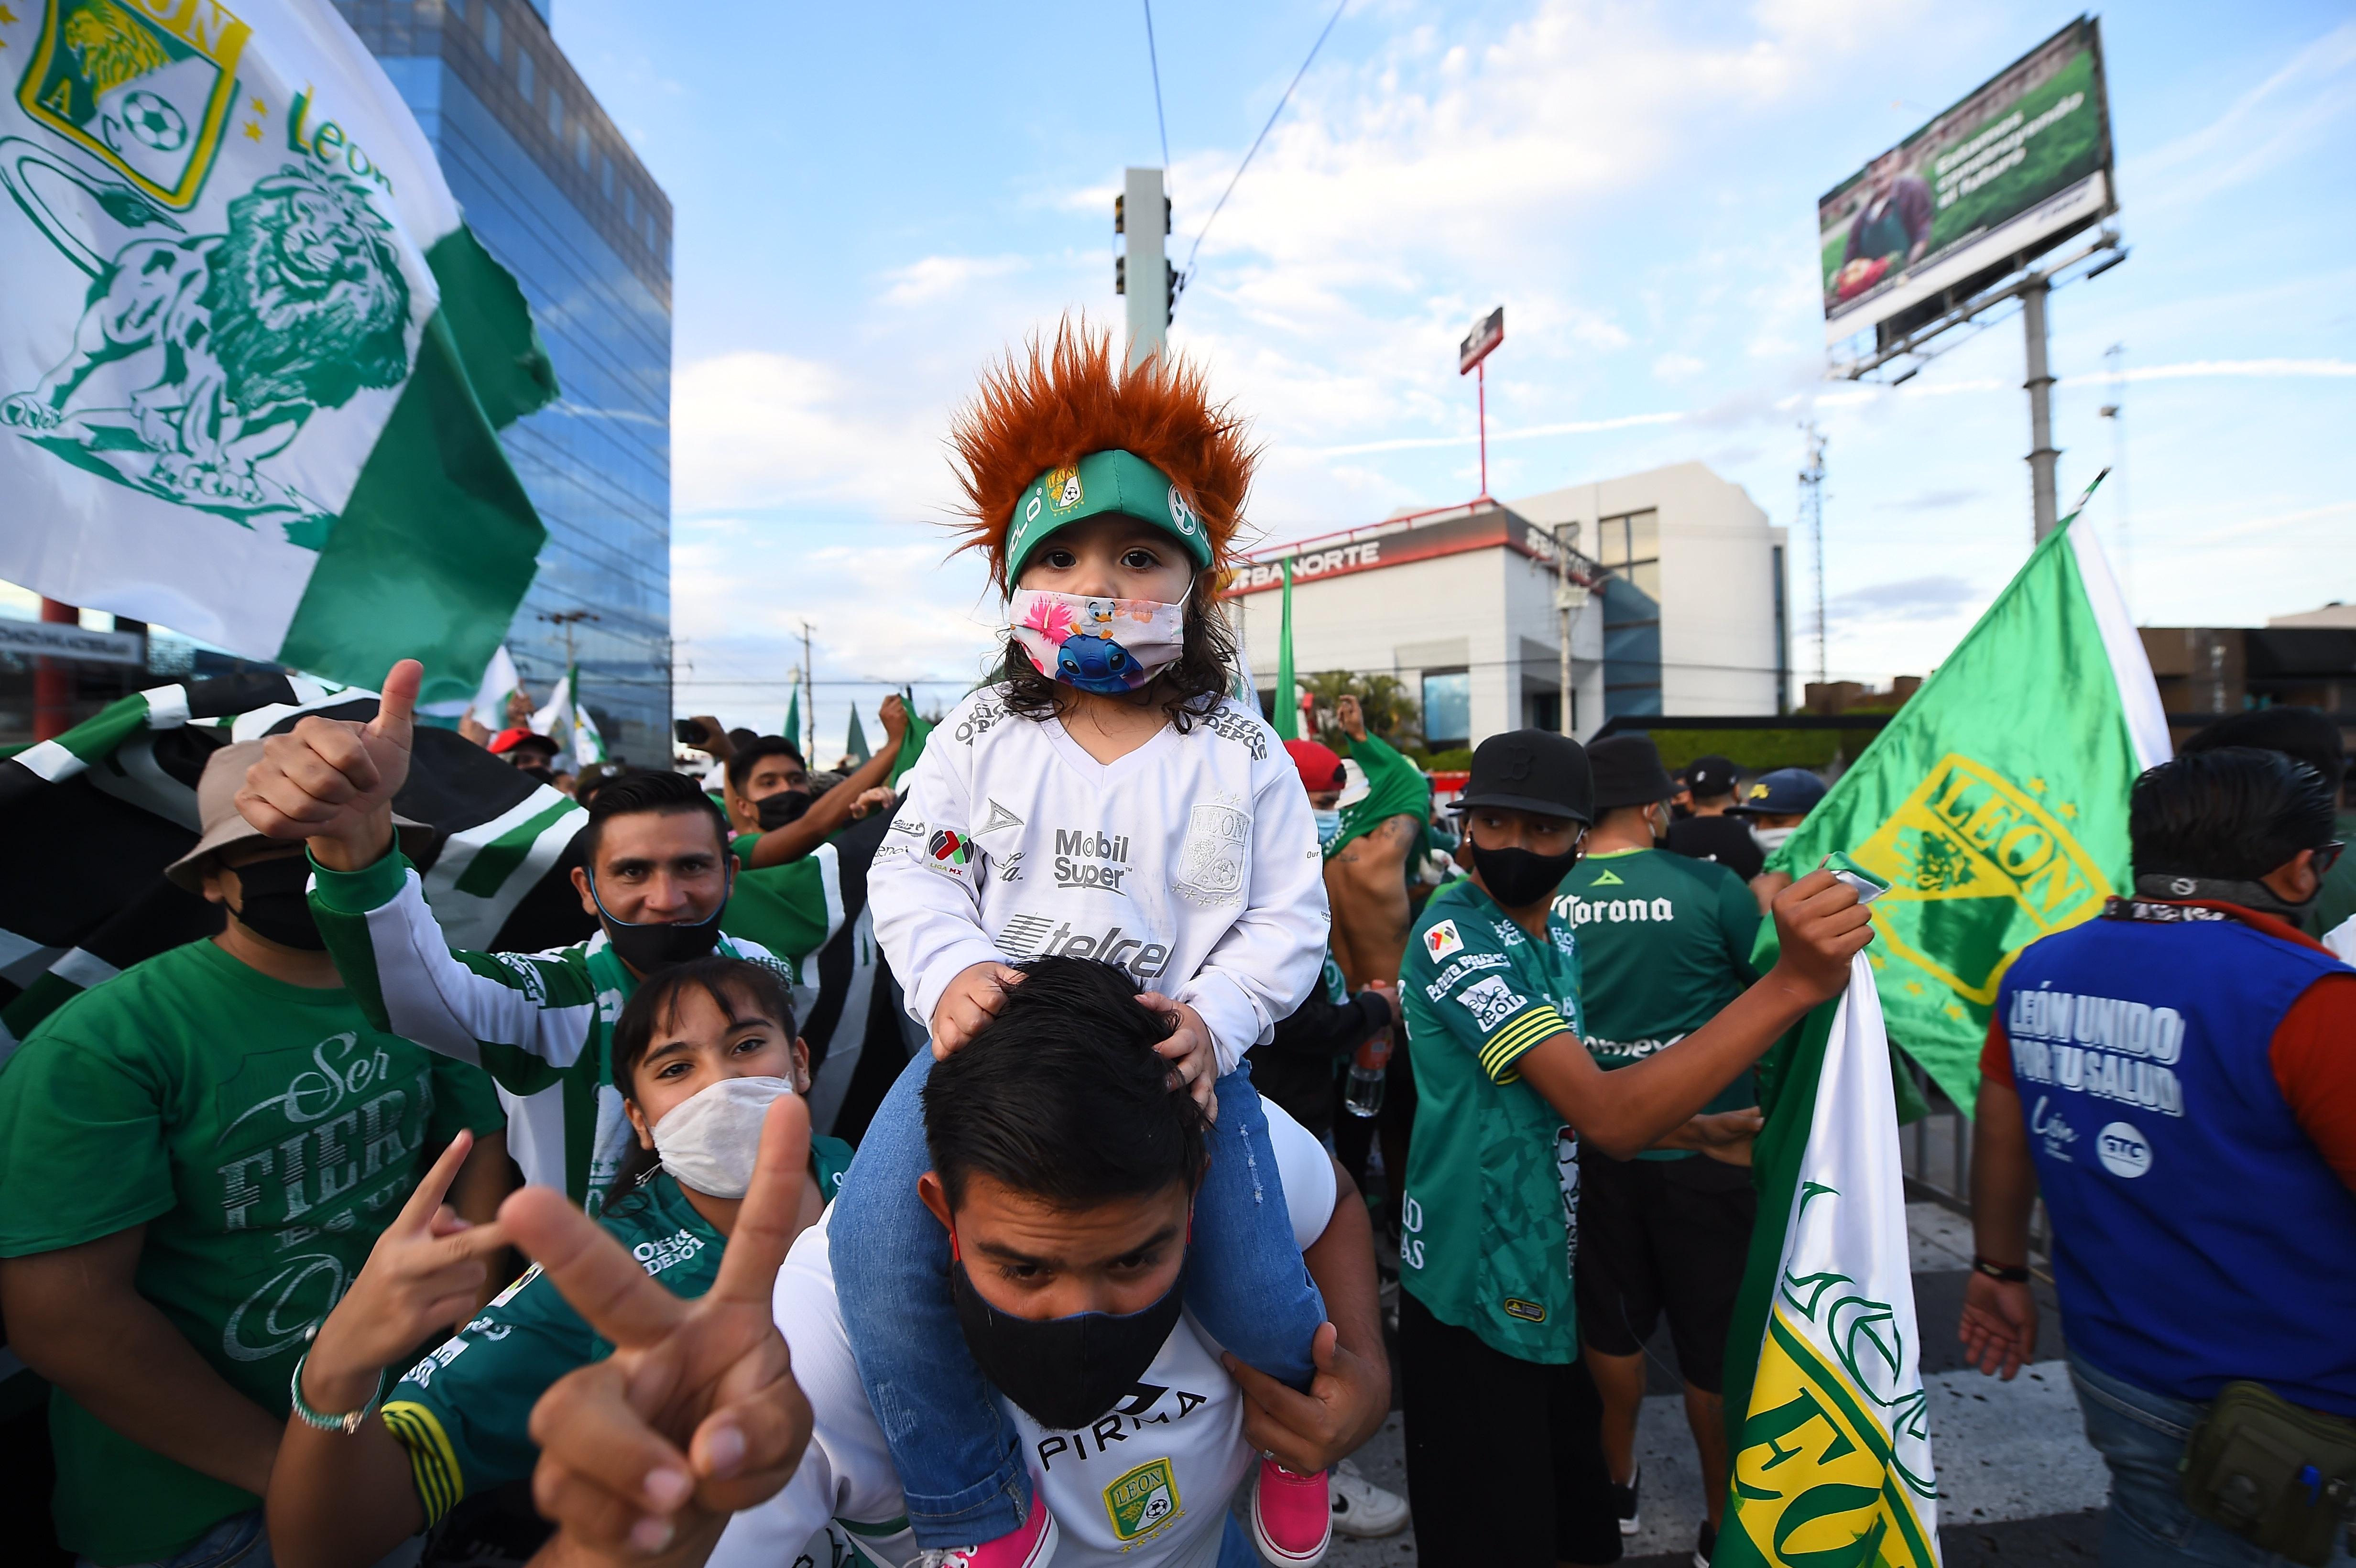 Fanáticos fuera del estadio antes del juego. Estadio León, México. El 13 de diciembre de 2020.